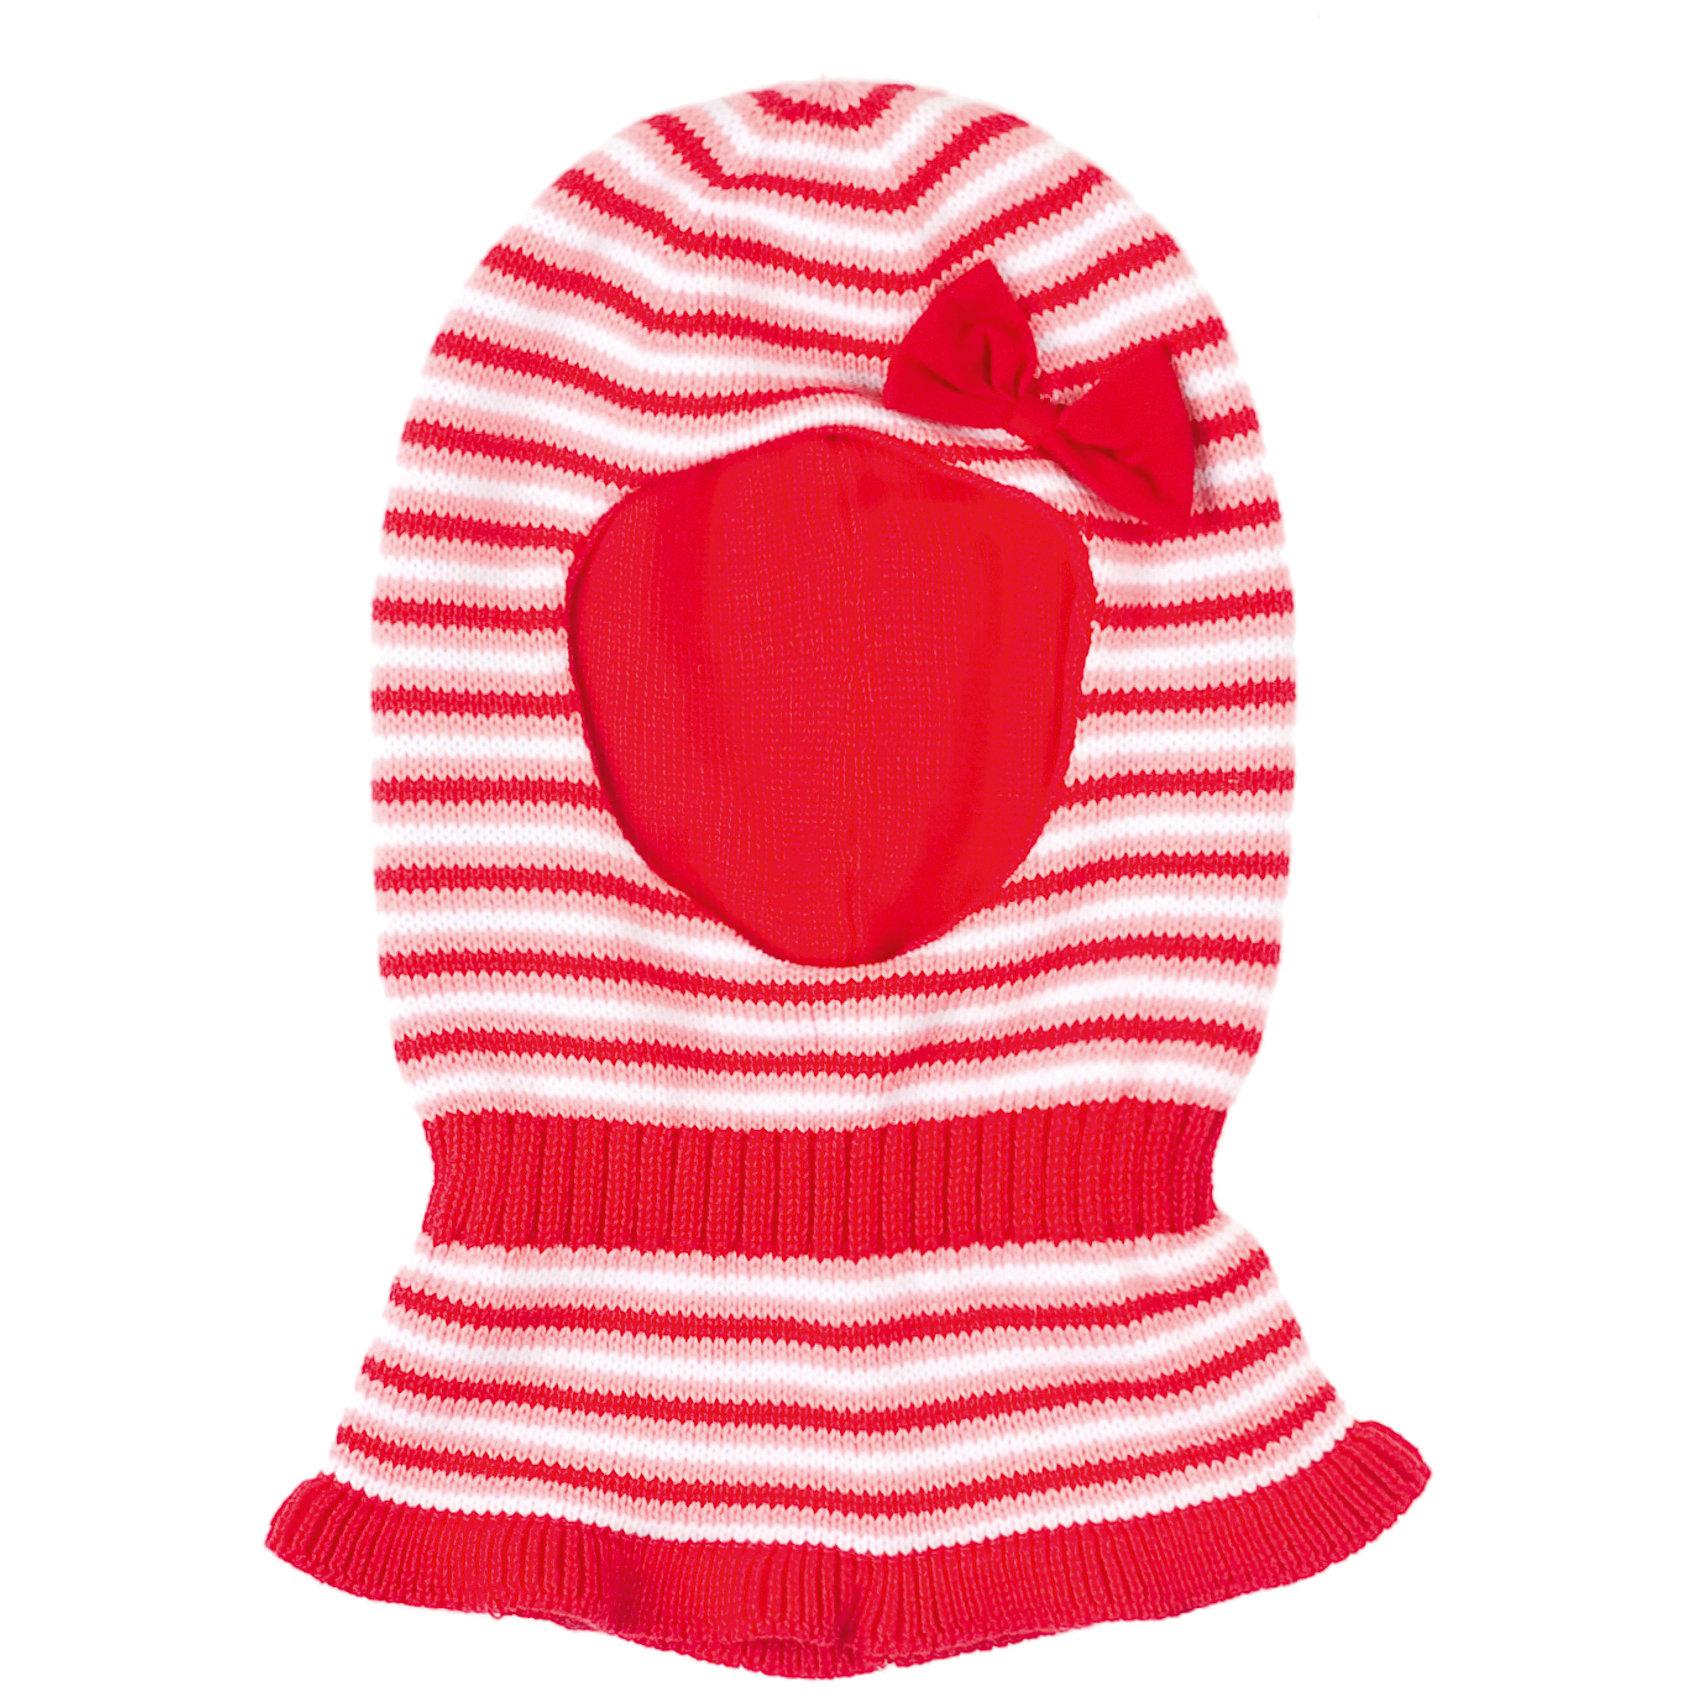 Шапка-шлем для девочки PlayTodayГоловные уборы<br>Шапка для девочки PlayToday Яркий трикотажный шлем с дополнительным утеплением для ушей. Украшен бантом. Состав: Верх: 80% хлопок 20% нейлон, Подкладка 80% хлопок 20% нейлон<br><br>Ширина мм: 89<br>Глубина мм: 117<br>Высота мм: 44<br>Вес г: 155<br>Цвет: красный/белый<br>Возраст от месяцев: 84<br>Возраст до месяцев: 96<br>Пол: Женский<br>Возраст: Детский<br>Размер: 54,52,50<br>SKU: 4228861